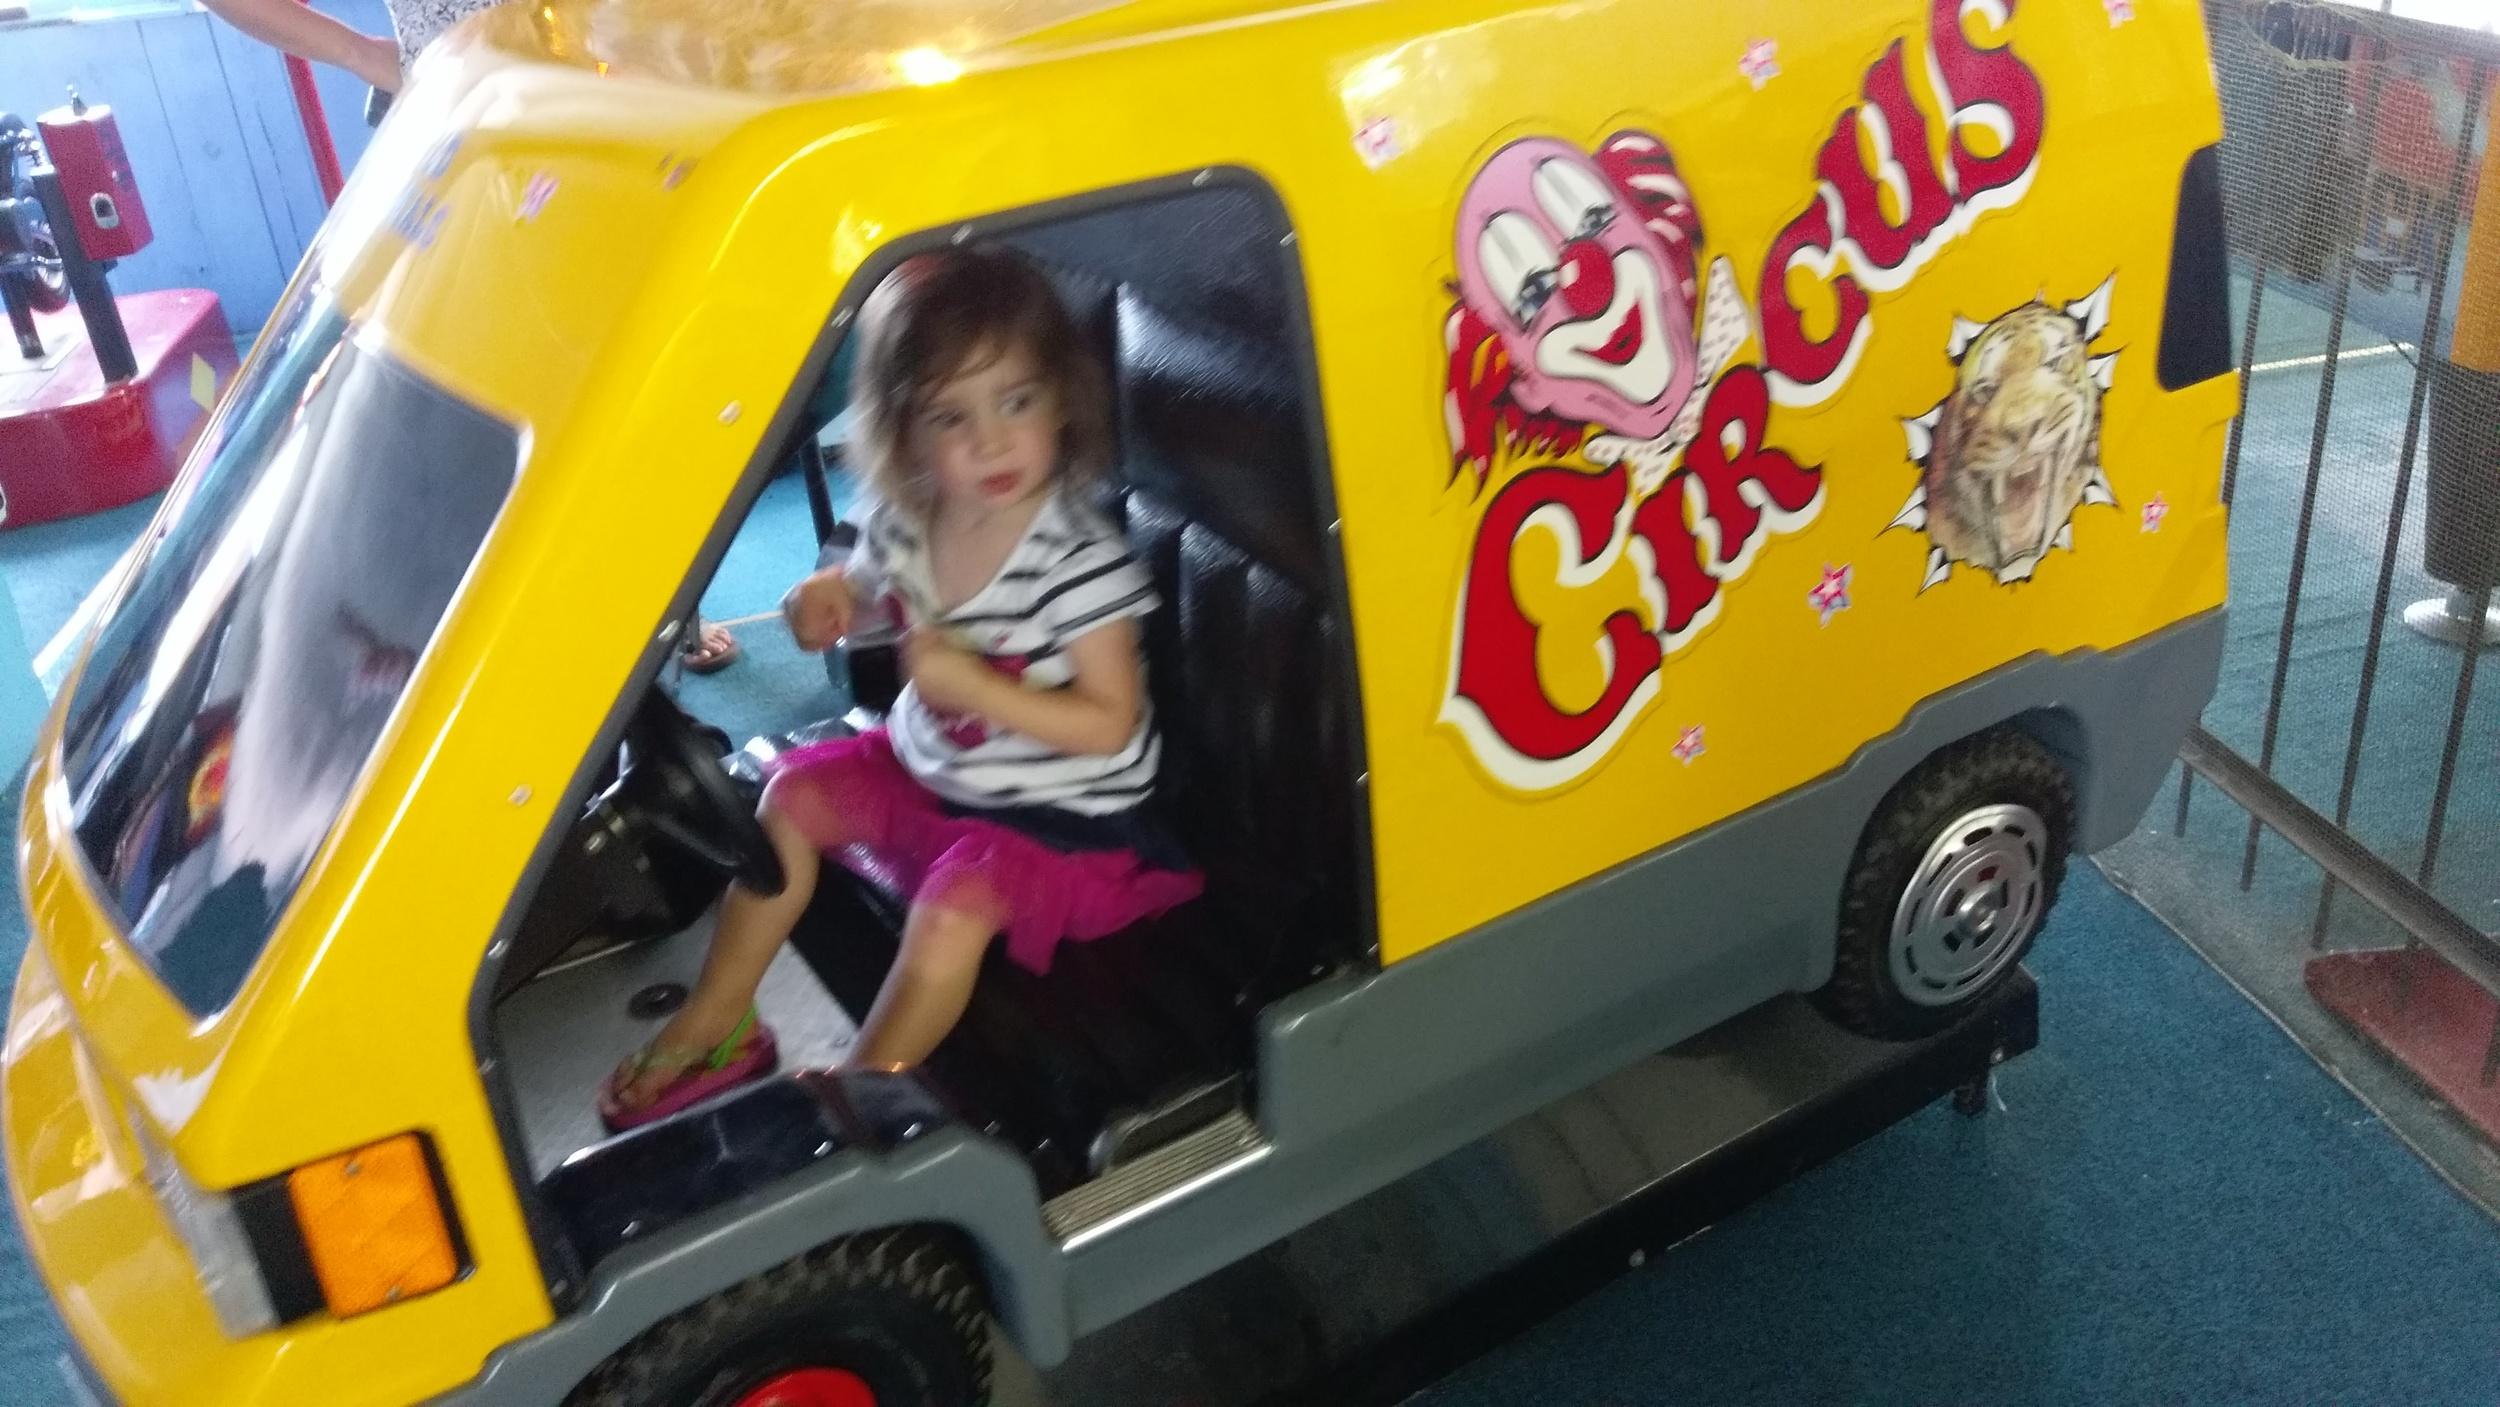 Creepy arcade ride 2